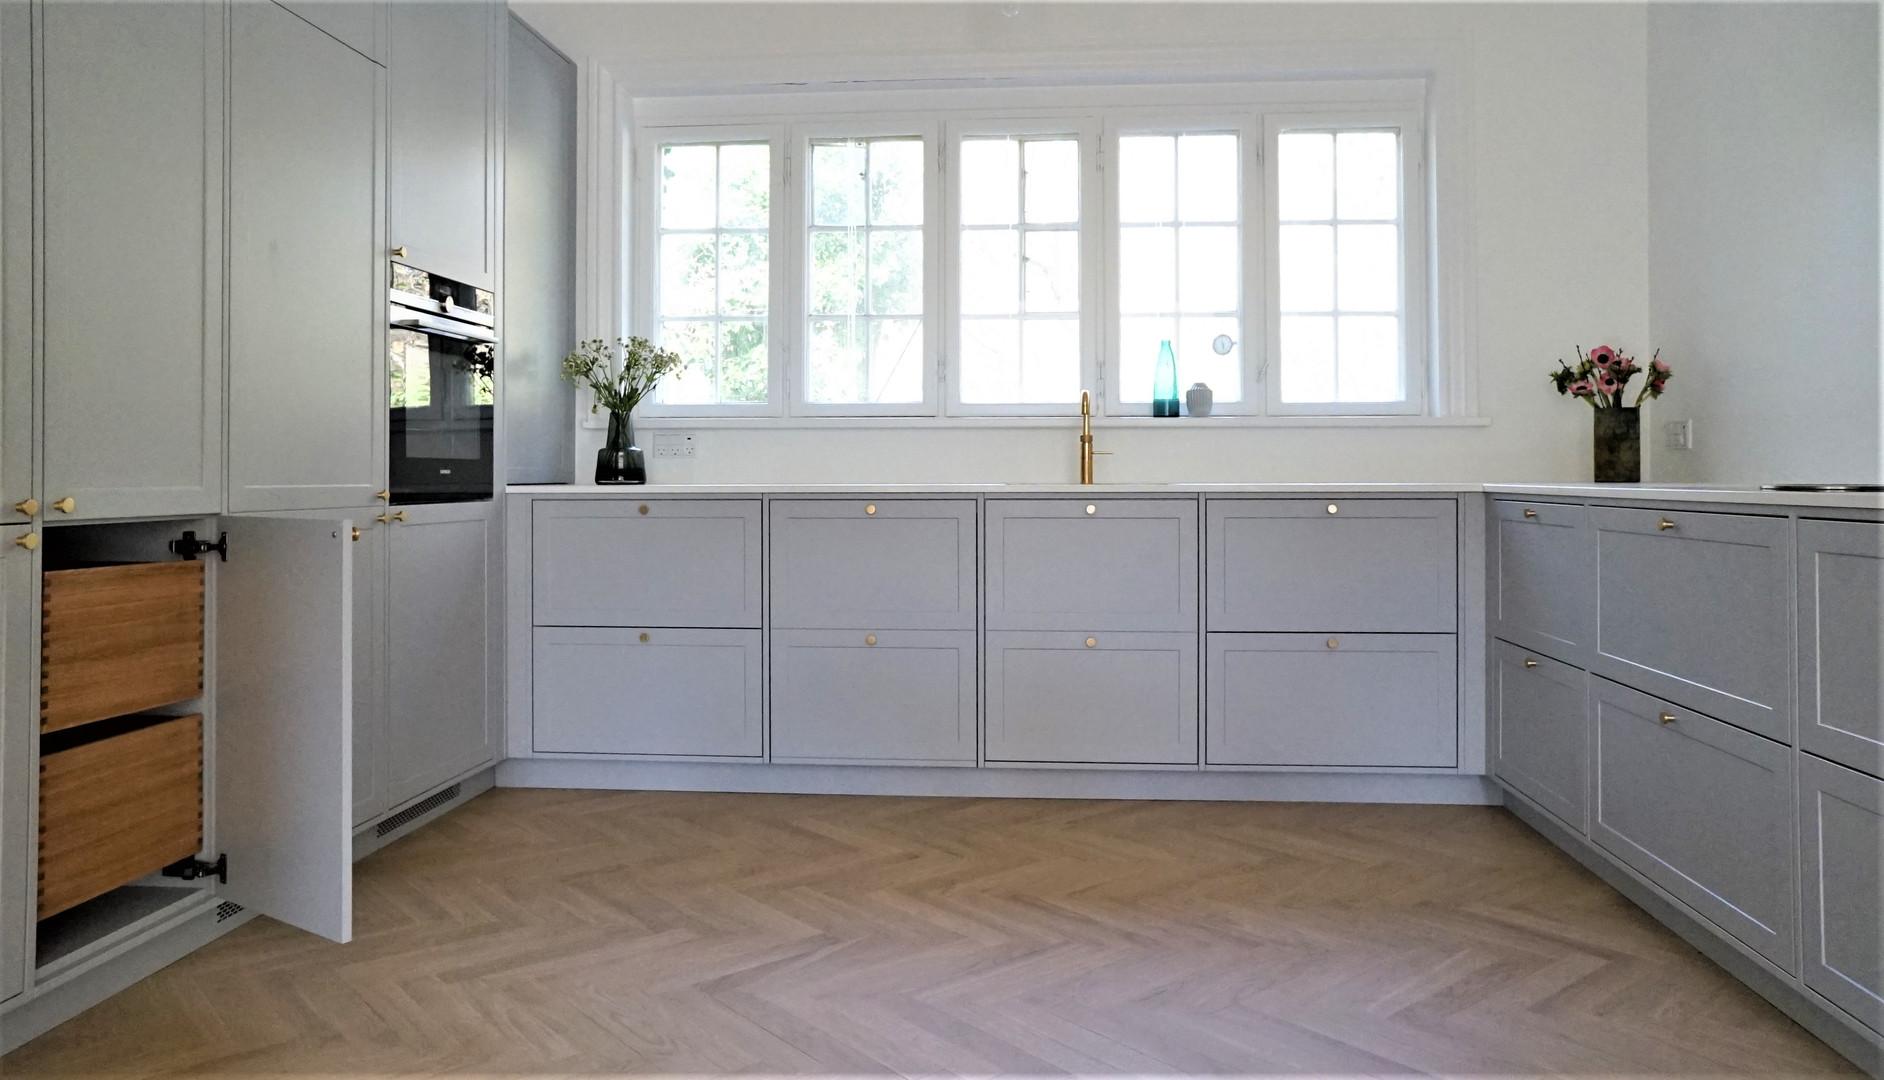 Køkken med malede fronter og egetræsskuffer